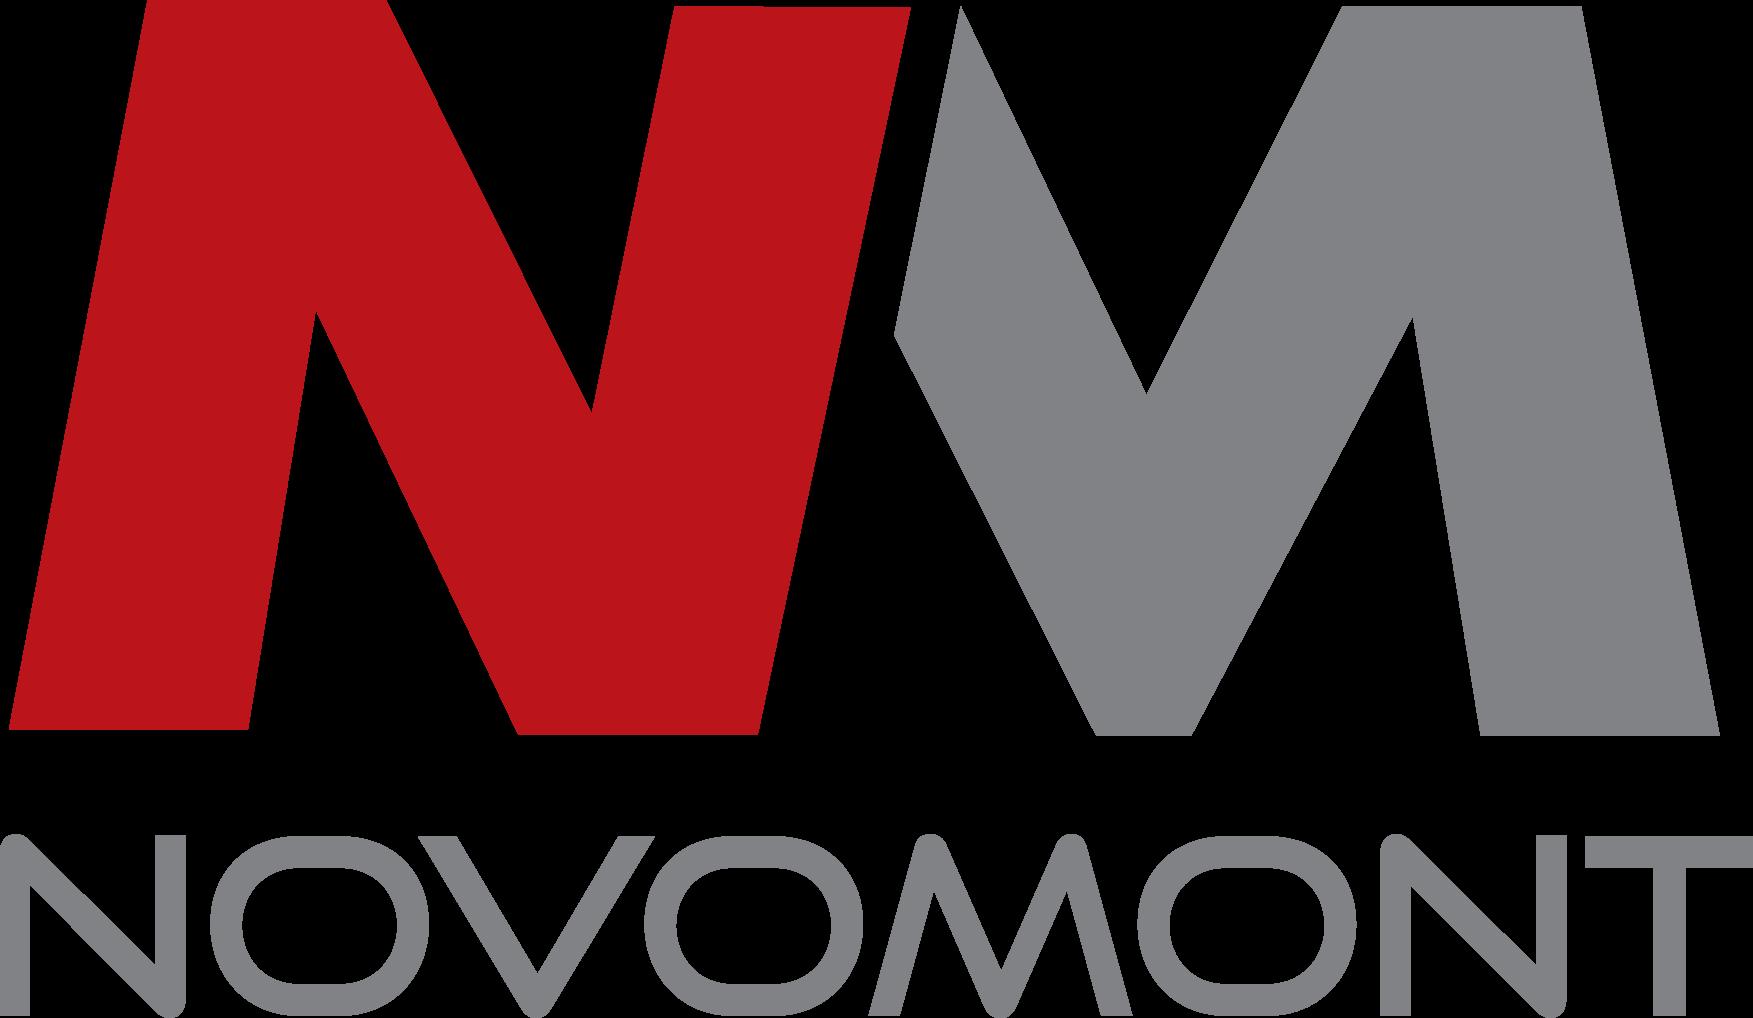 novomont logo